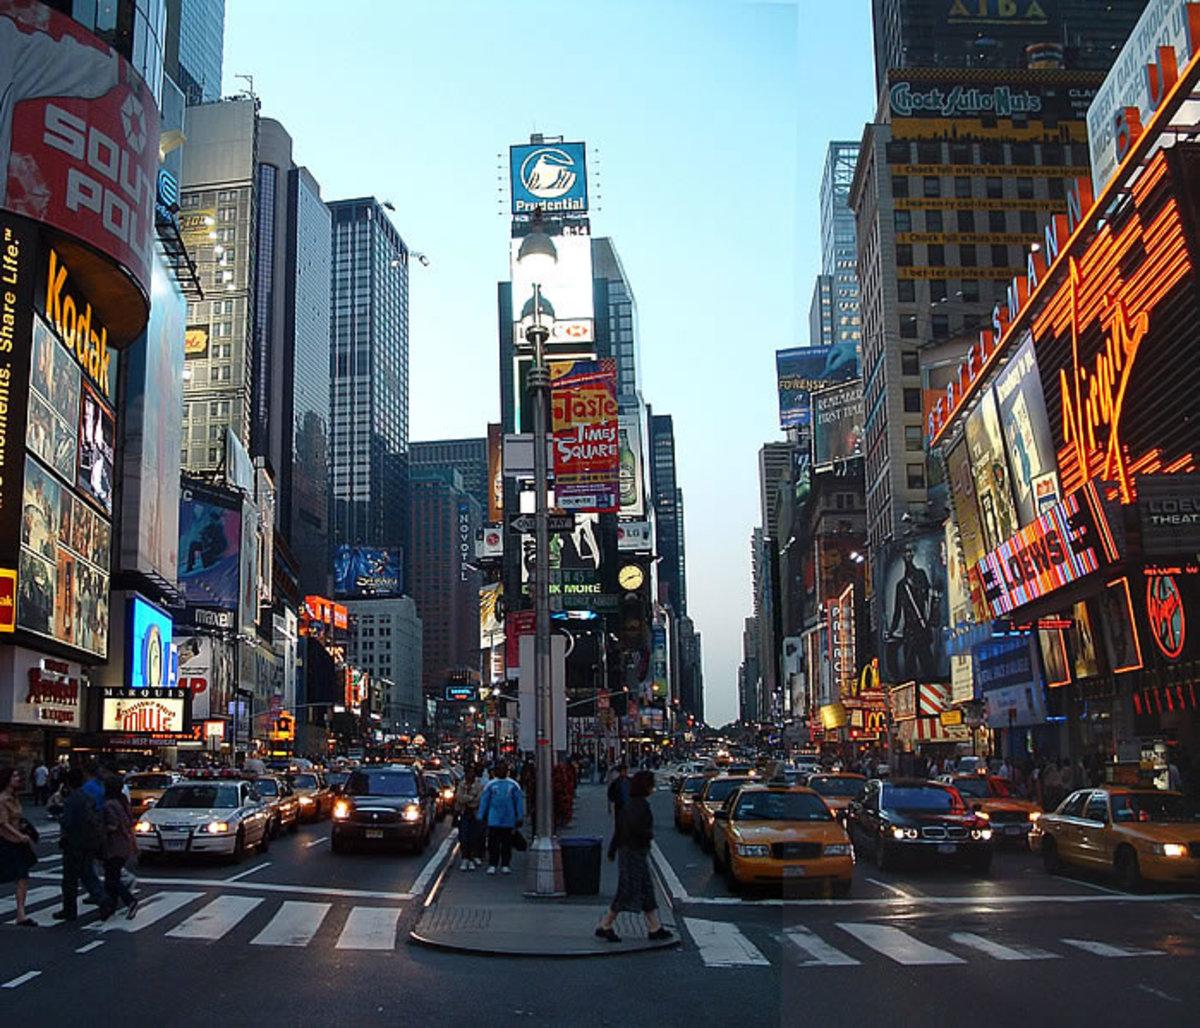 Αντιμέτωπος με πέντε κατηγορίες ο επίδοξος βομβιστής της Times Square   Newsit.gr